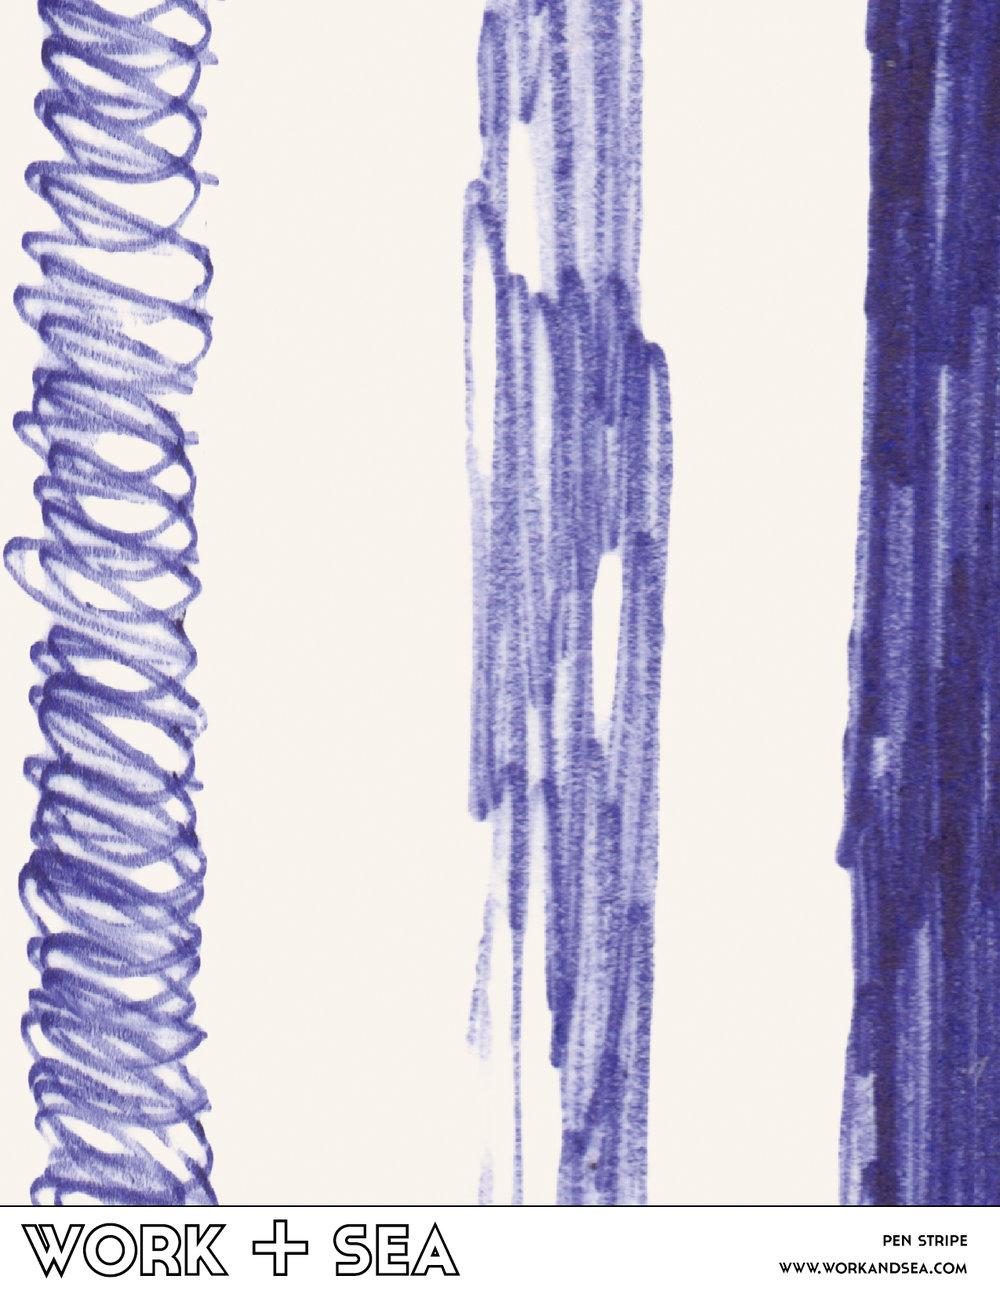 Pen Stripe Memo.jpg